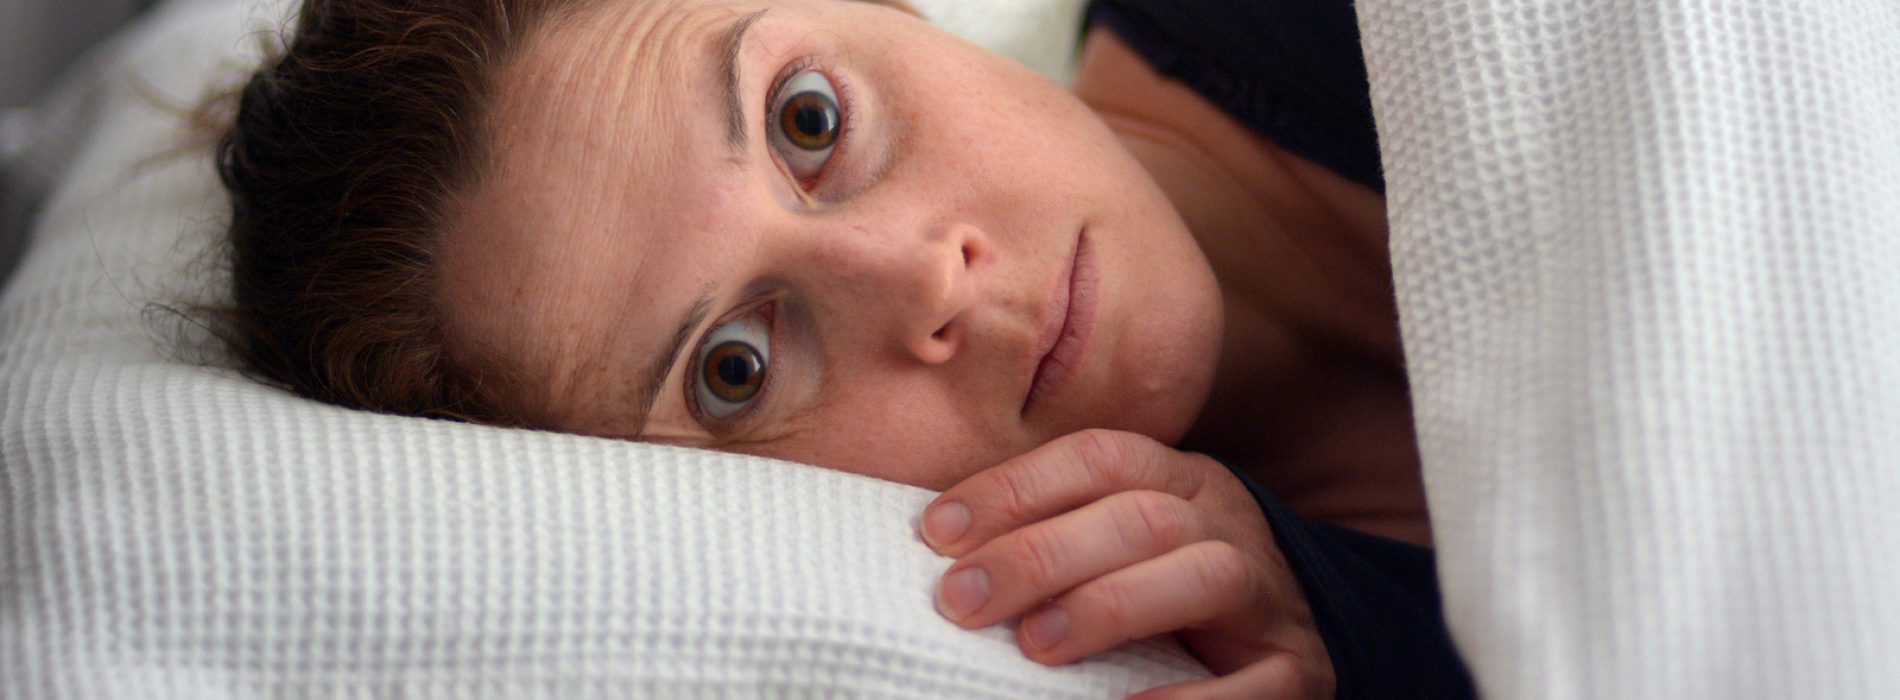 Slaapdeprivatie kan je doden. Wat slapen minder dan 7 uur per nacht doet met je lichaam en hersenen